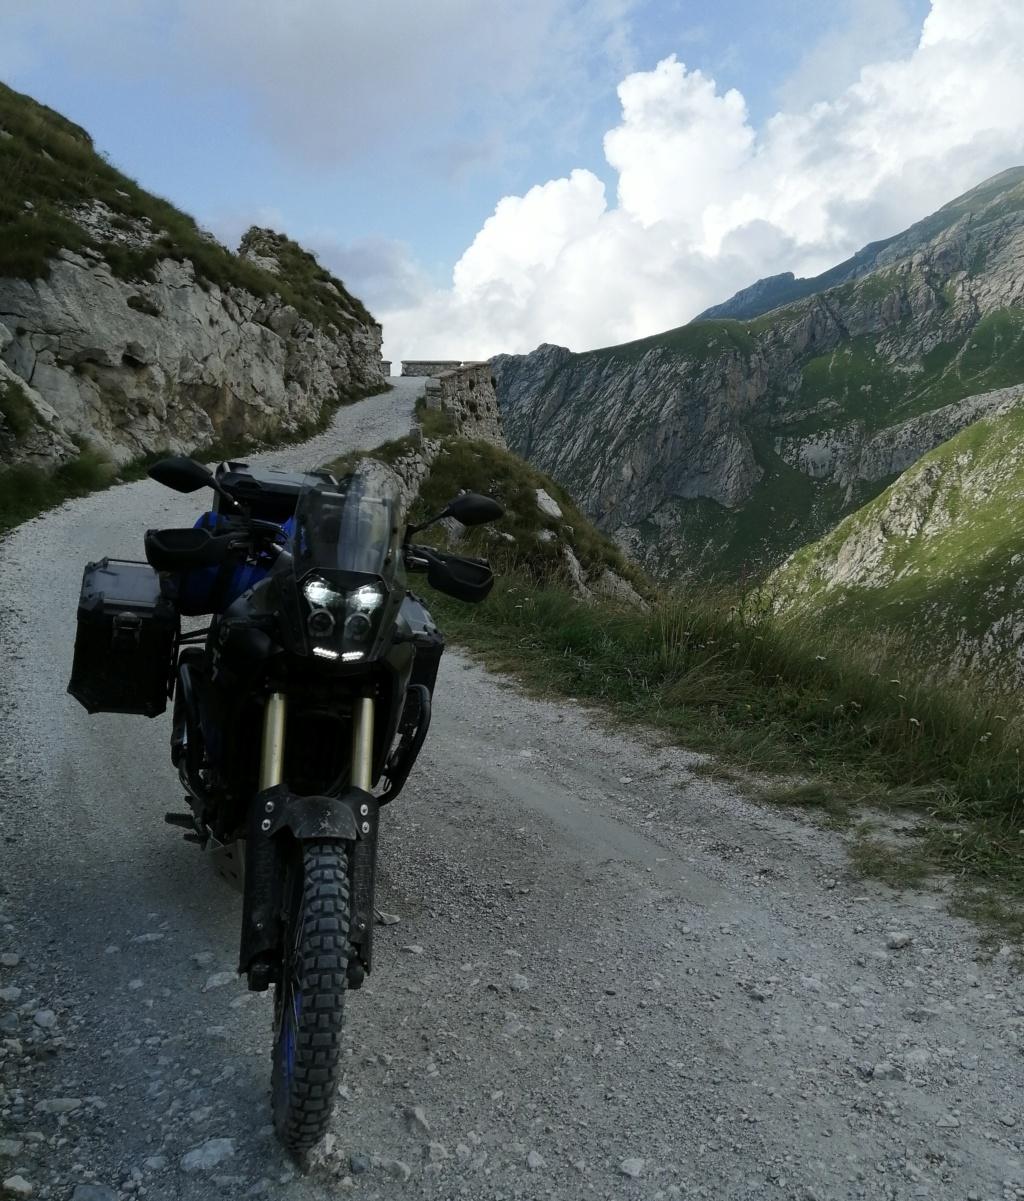 Roadtrip Alpes Fr et It par les pistes du 13 au 16 août 2020 Img_2209